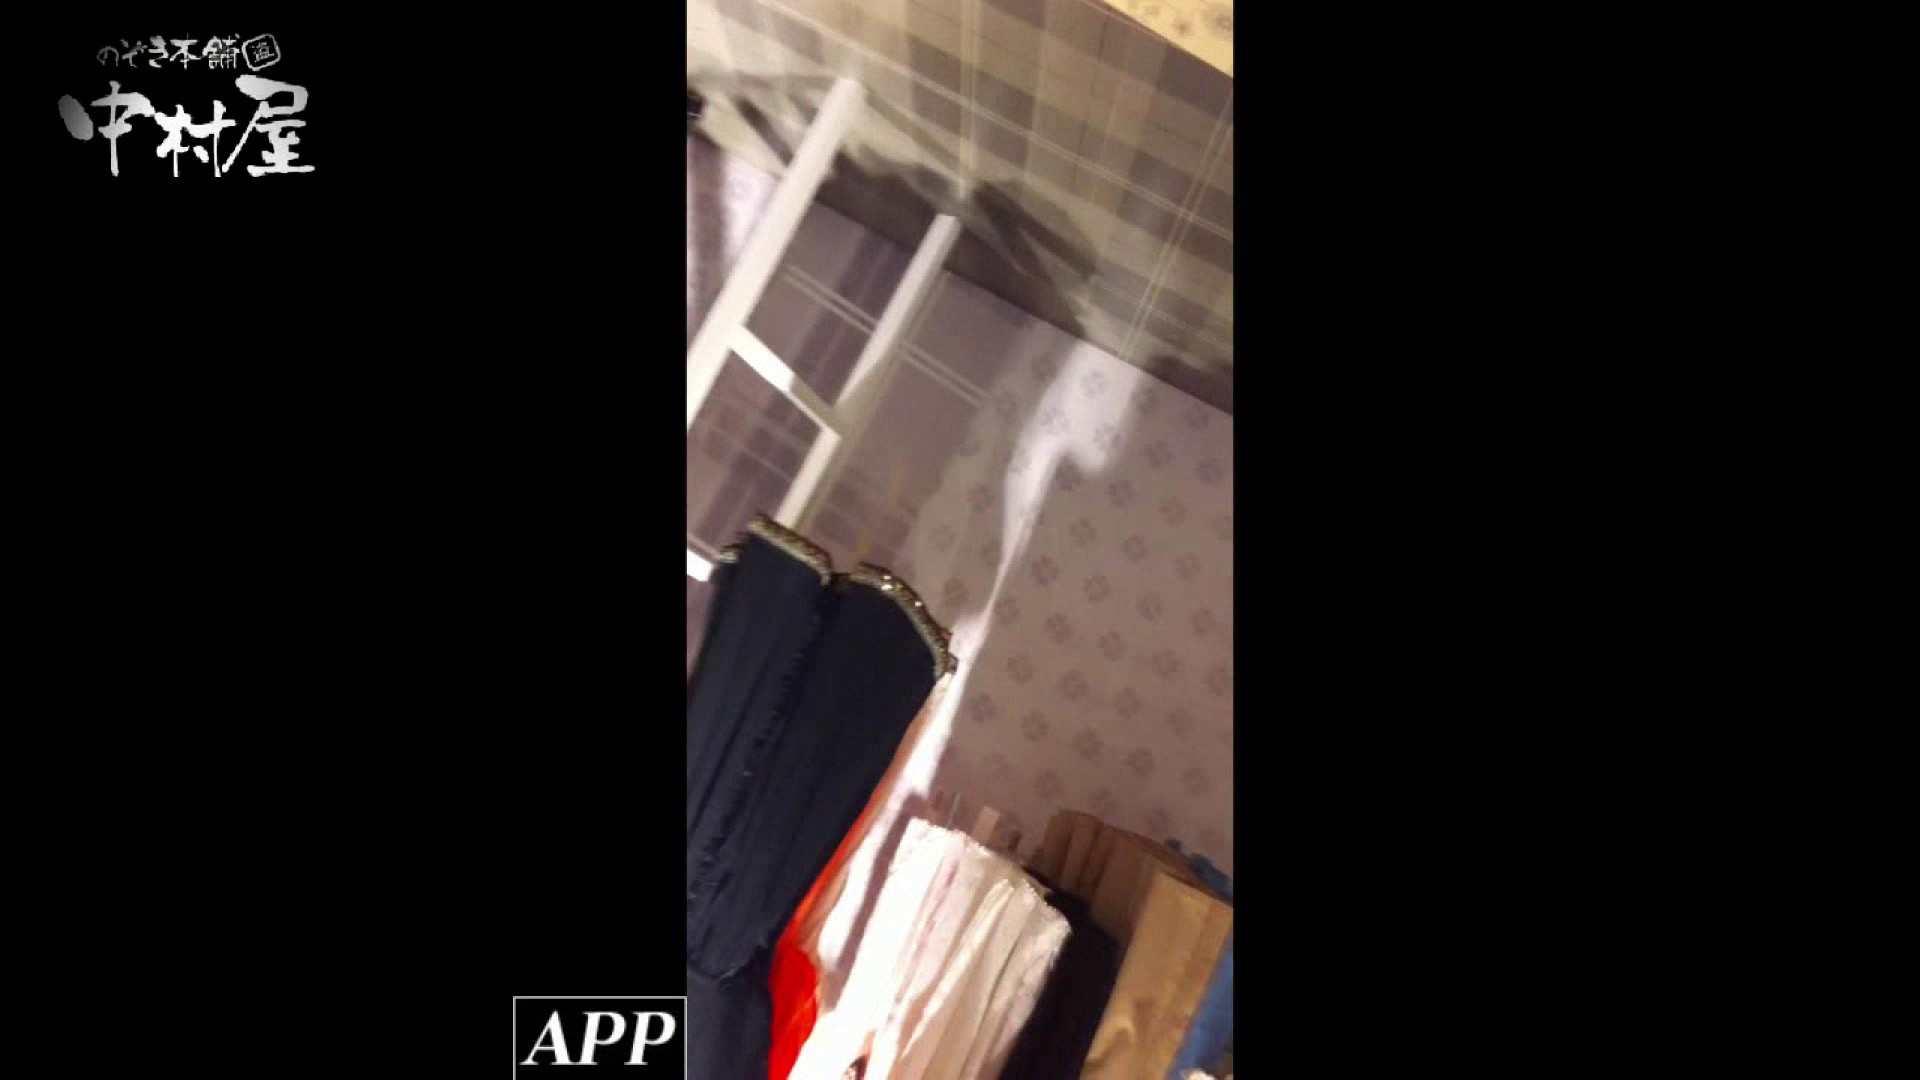 ハイビジョン盗撮!ショップ店員千人斬り!胸チラ編 vol.45 盗撮 オマンコ無修正動画無料 100PICs 57